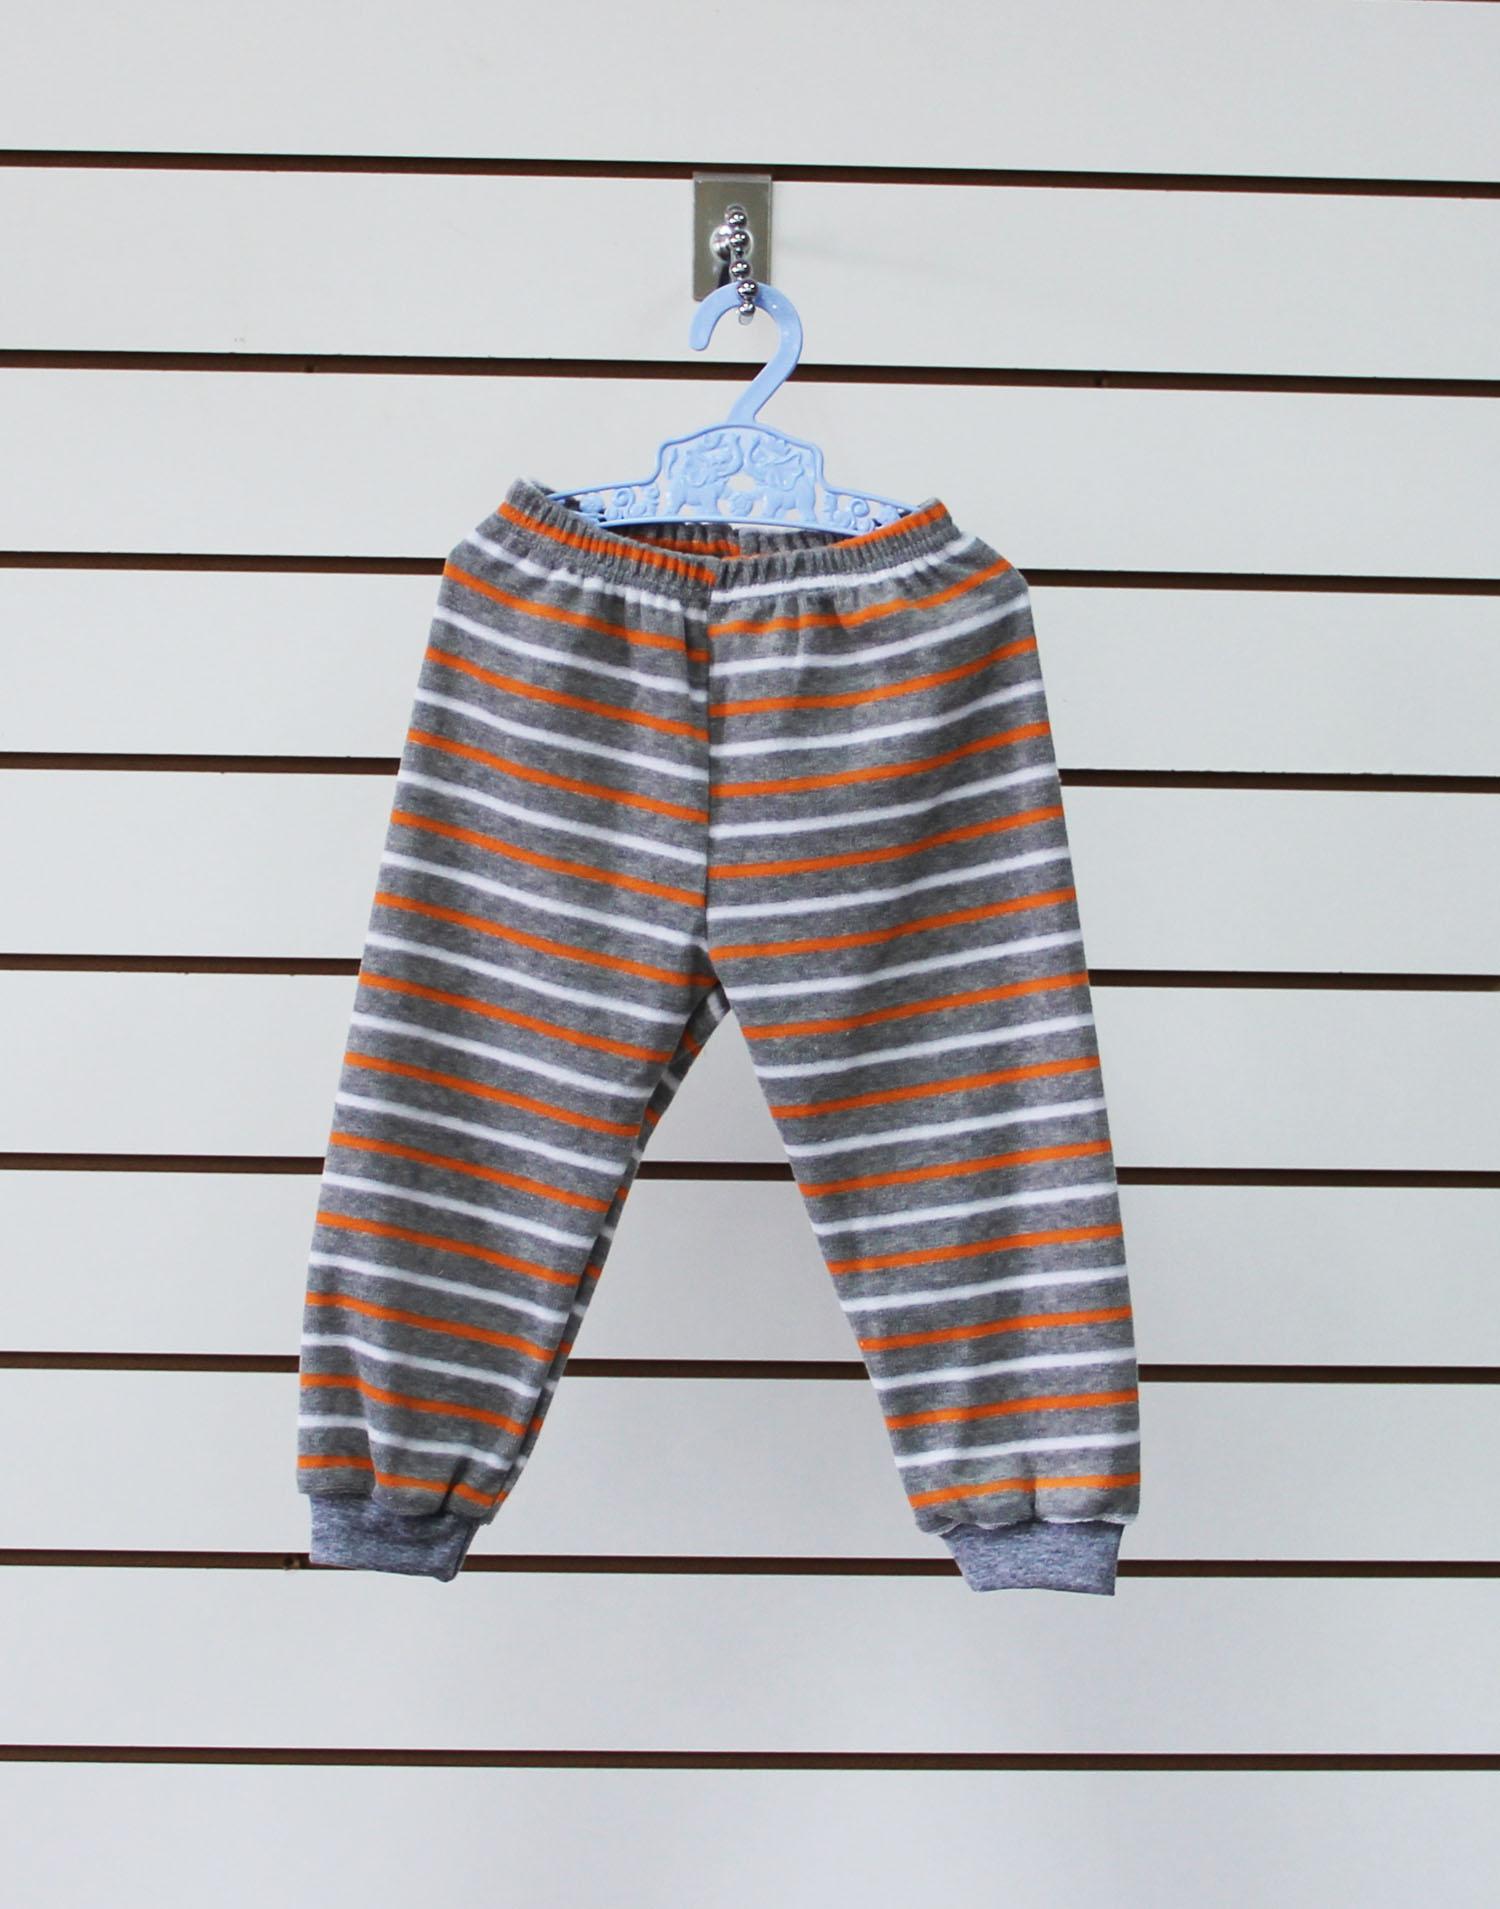 Штанишки детские ПолосатикШтанишки, шорты<br><br><br>Размер: 20 (рост 62 см)